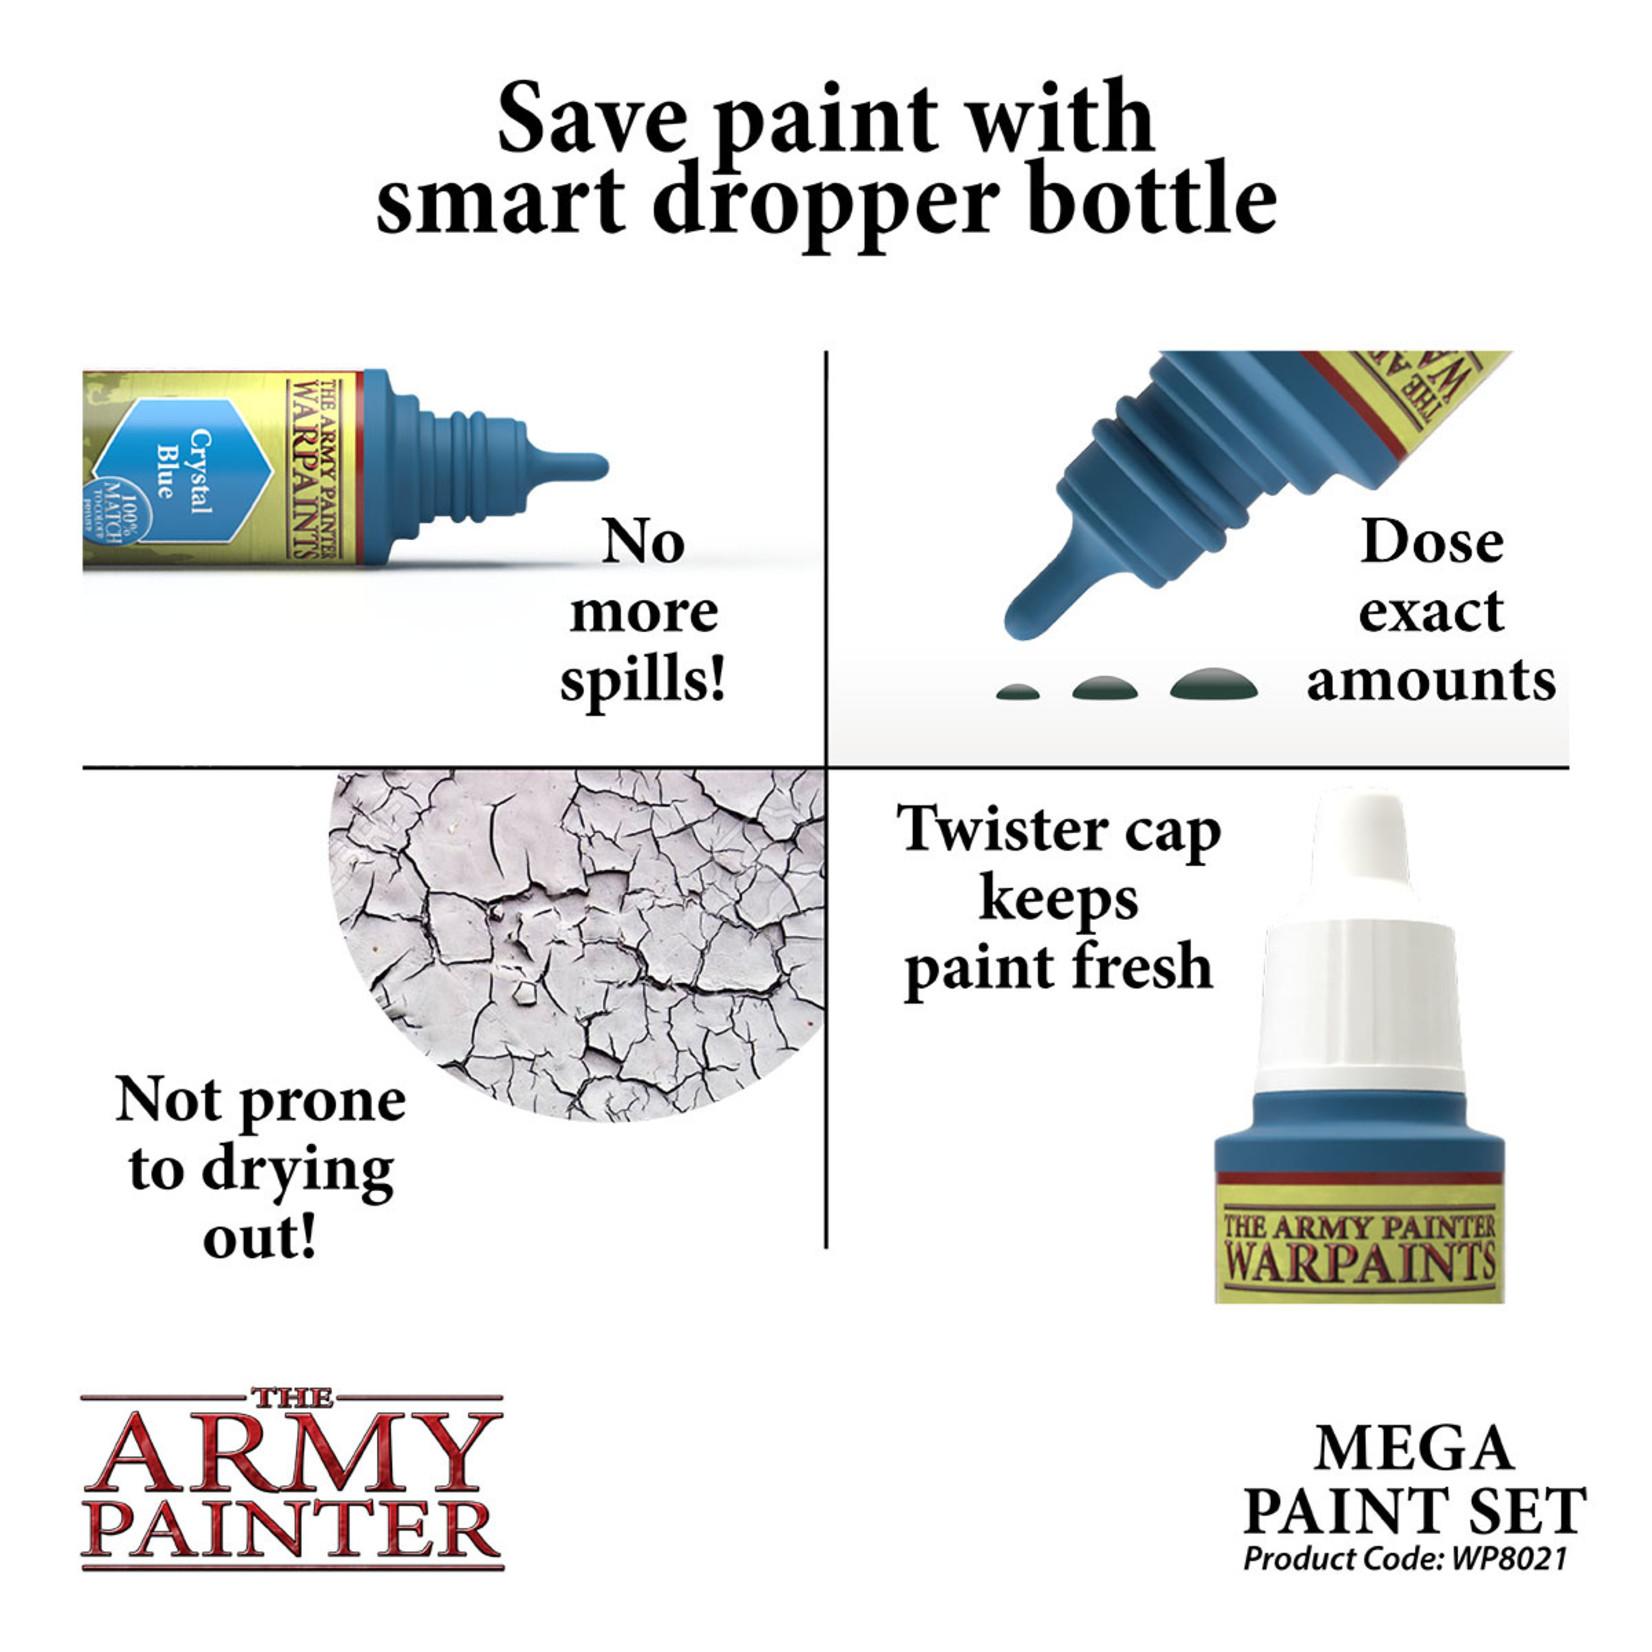 The Army Painter Warpaint: Mega Paint Set